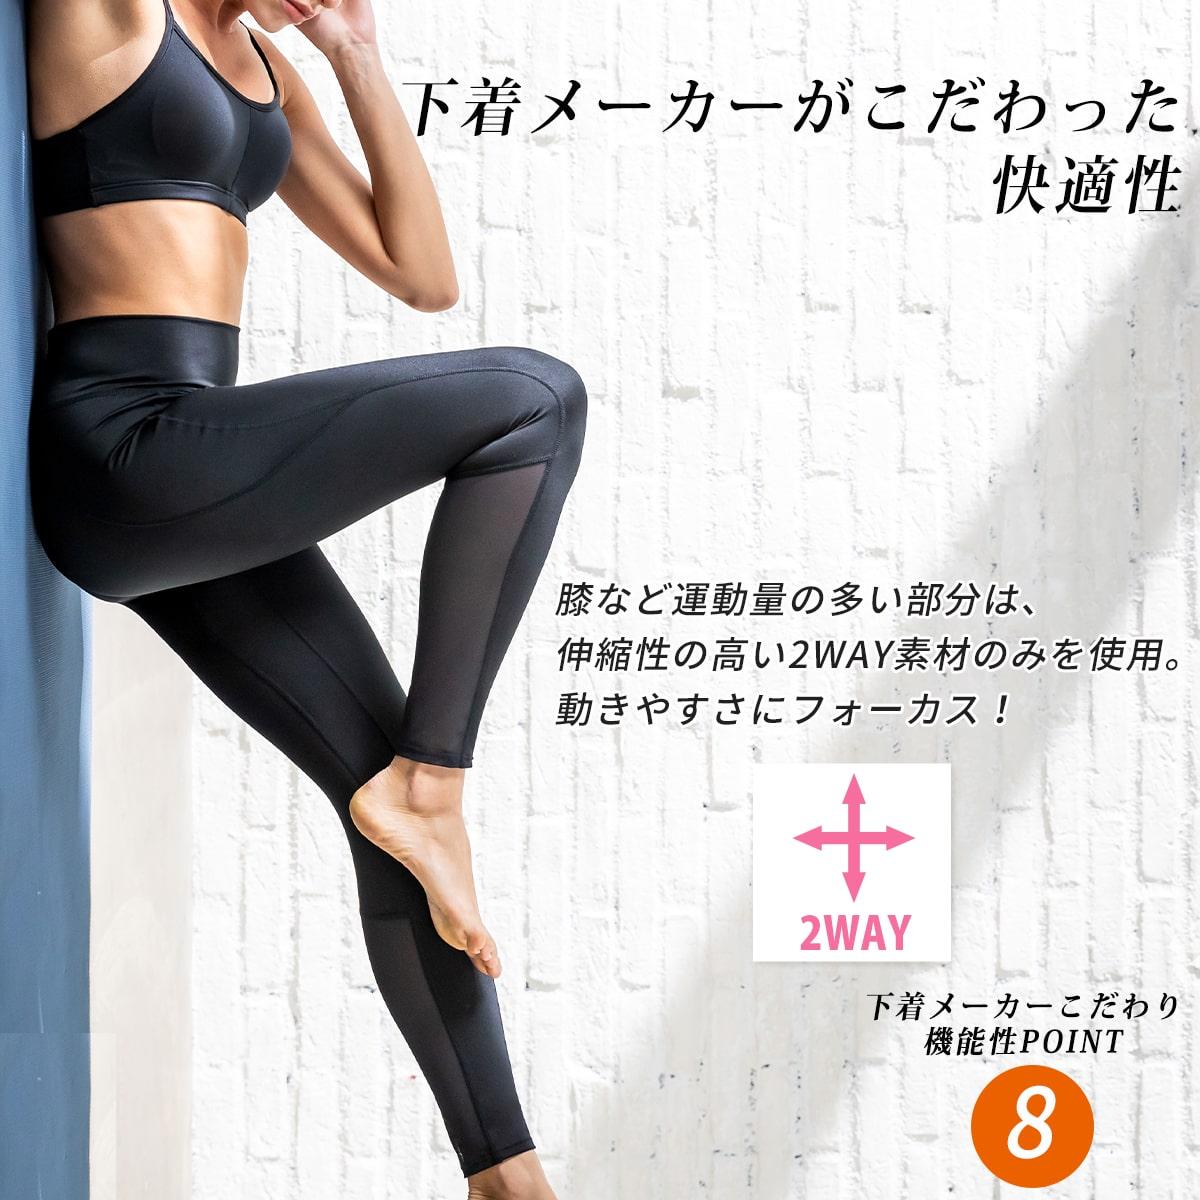 下着メーカーがこだわった快適性。膝など運動量の多い部分は、伸縮性の高い2WAY素材のみを使用。動きやすさにフォーカス!